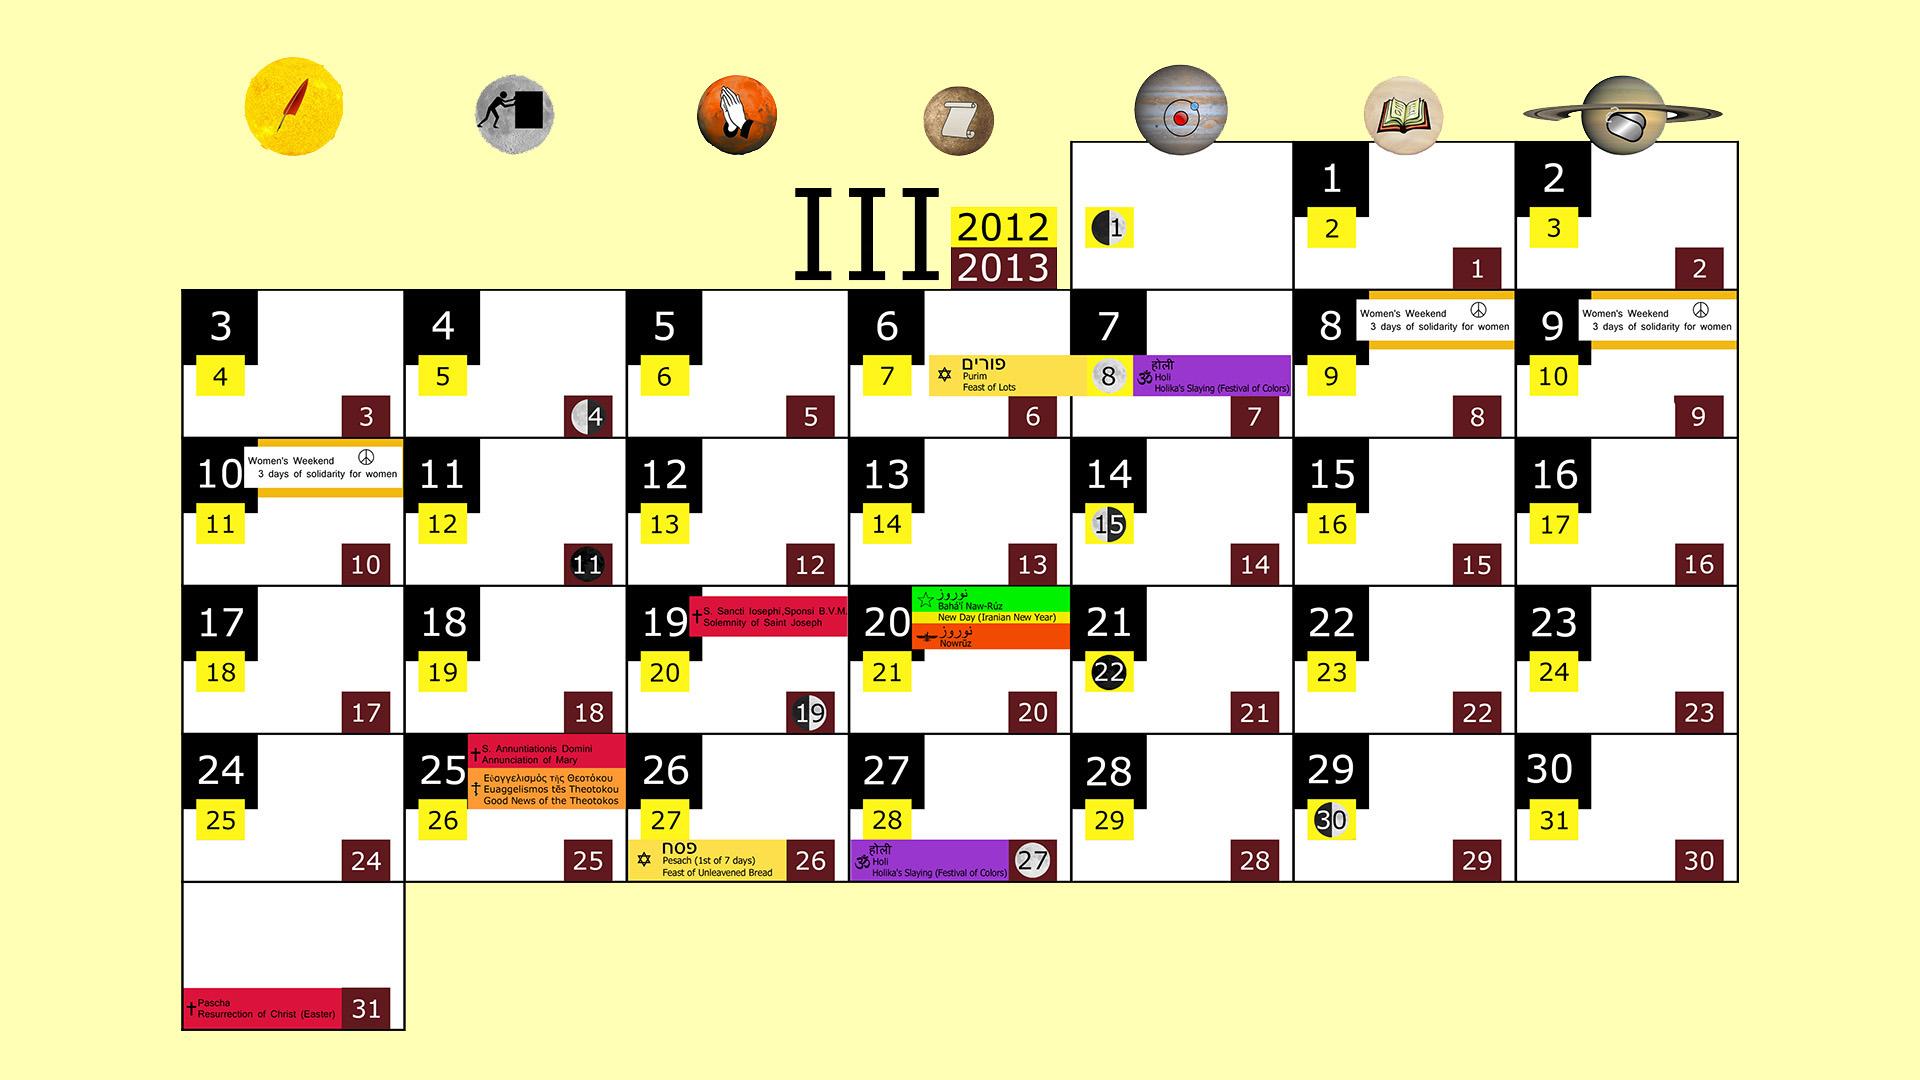 Miesięczny kalendarz świąt na marzec 2012 and 2013 na żółtym tle